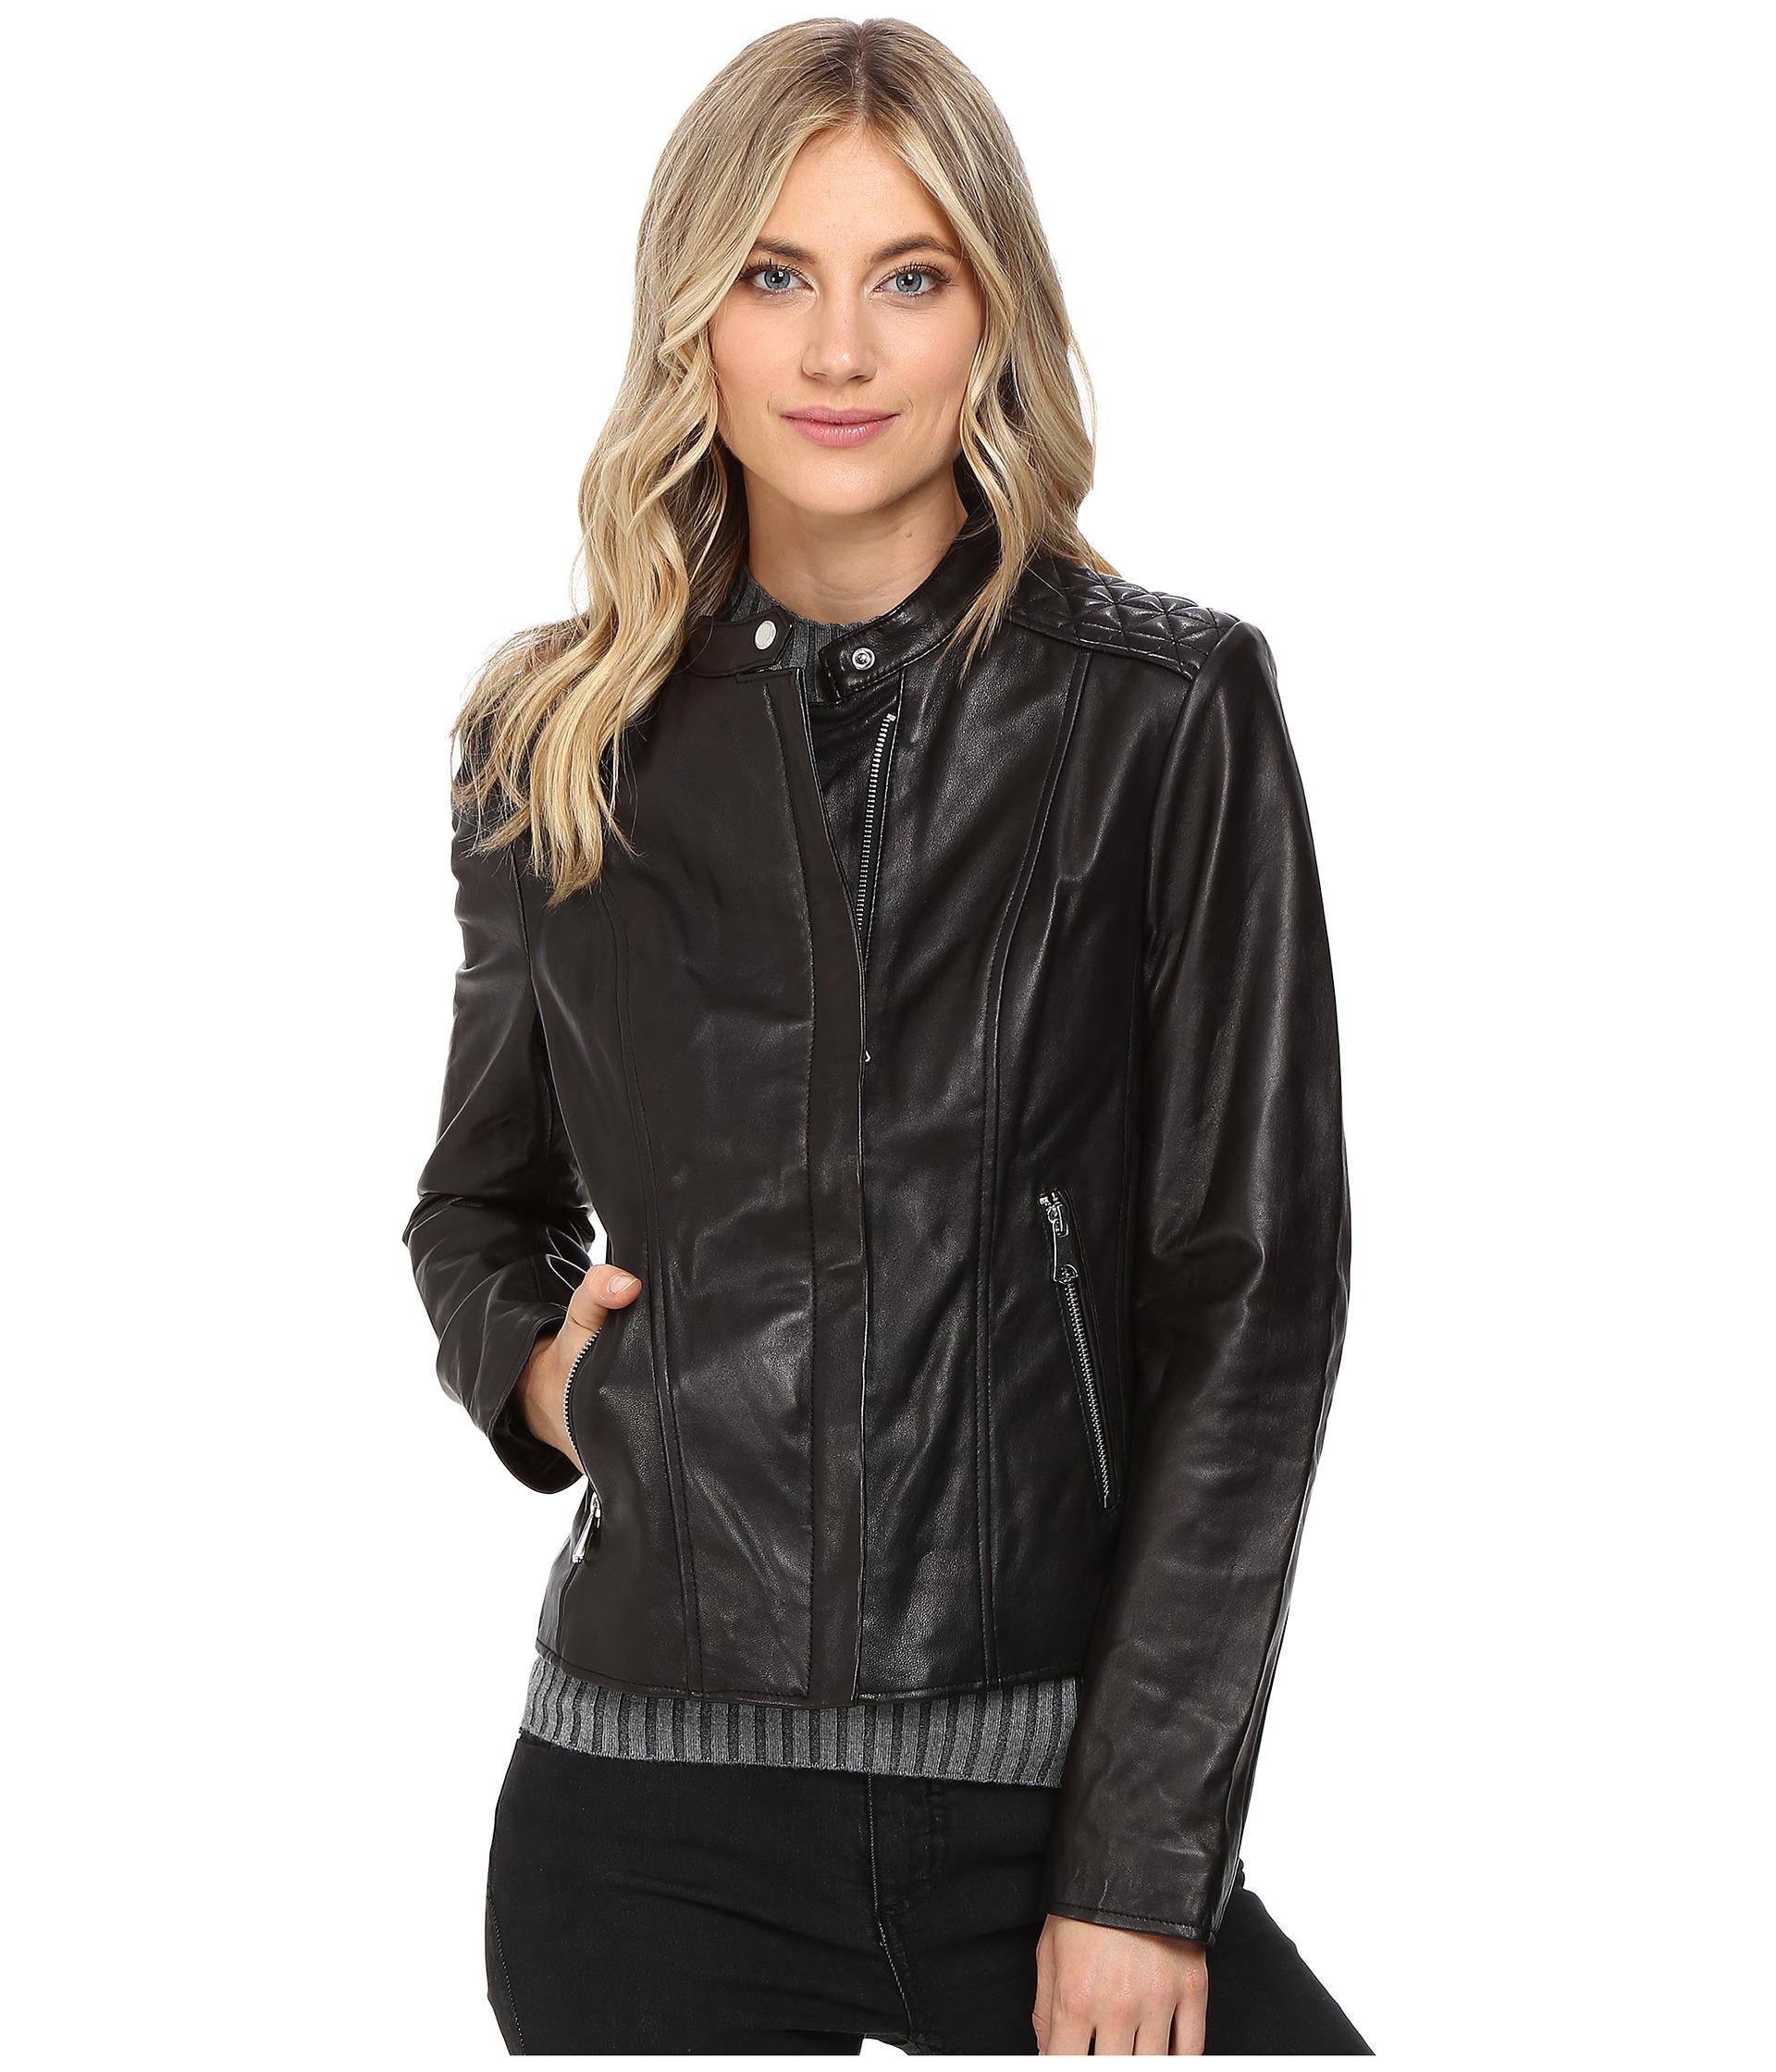 Leather jacket under 100 - Leather Motorcycle Jacket Under 100